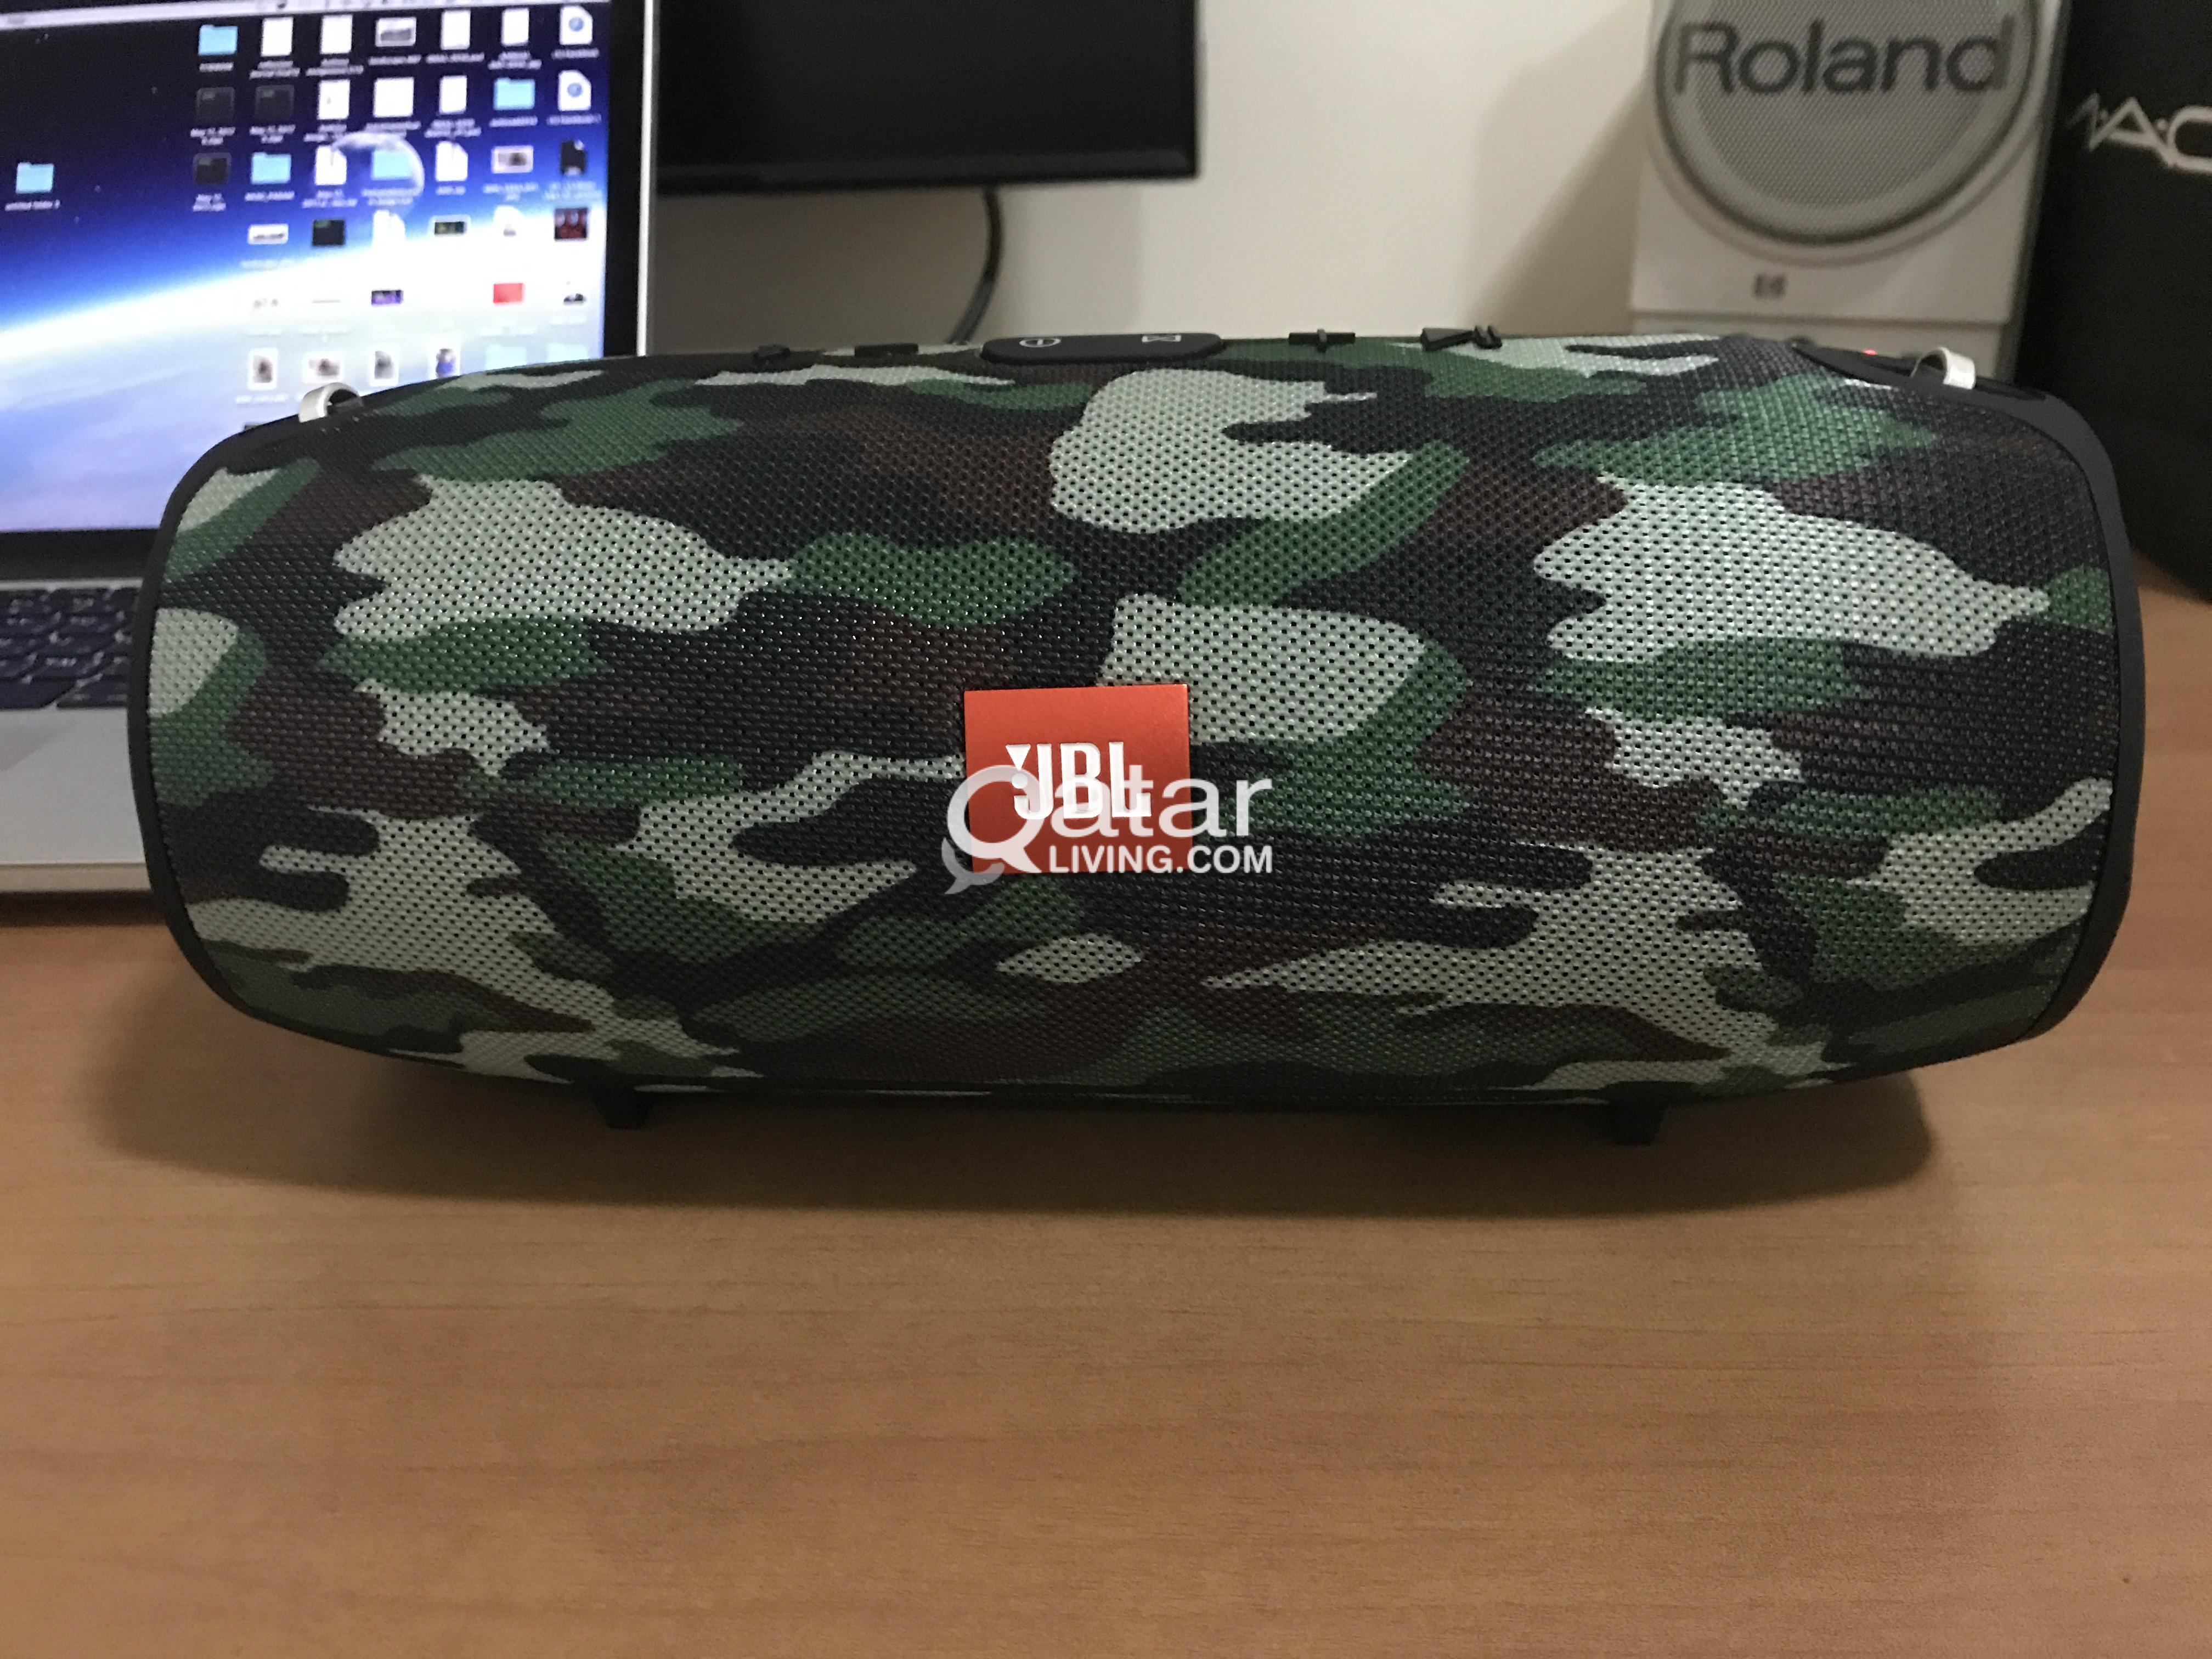 JBL XTREME Bluetooth Speaker | Qatar Living